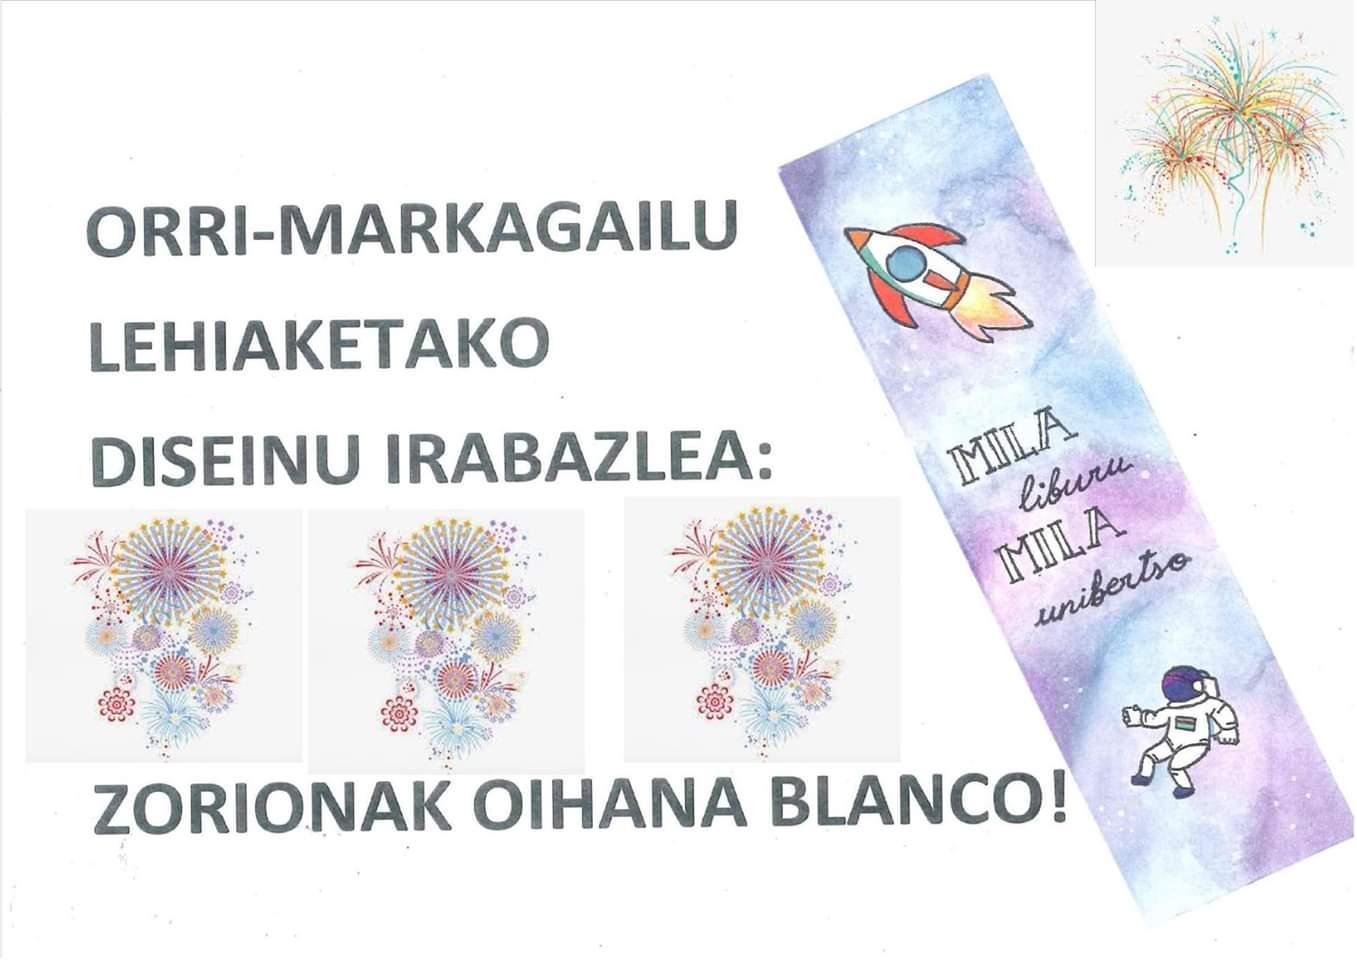 ORRI-MARKAGAILU LEHIAKETA